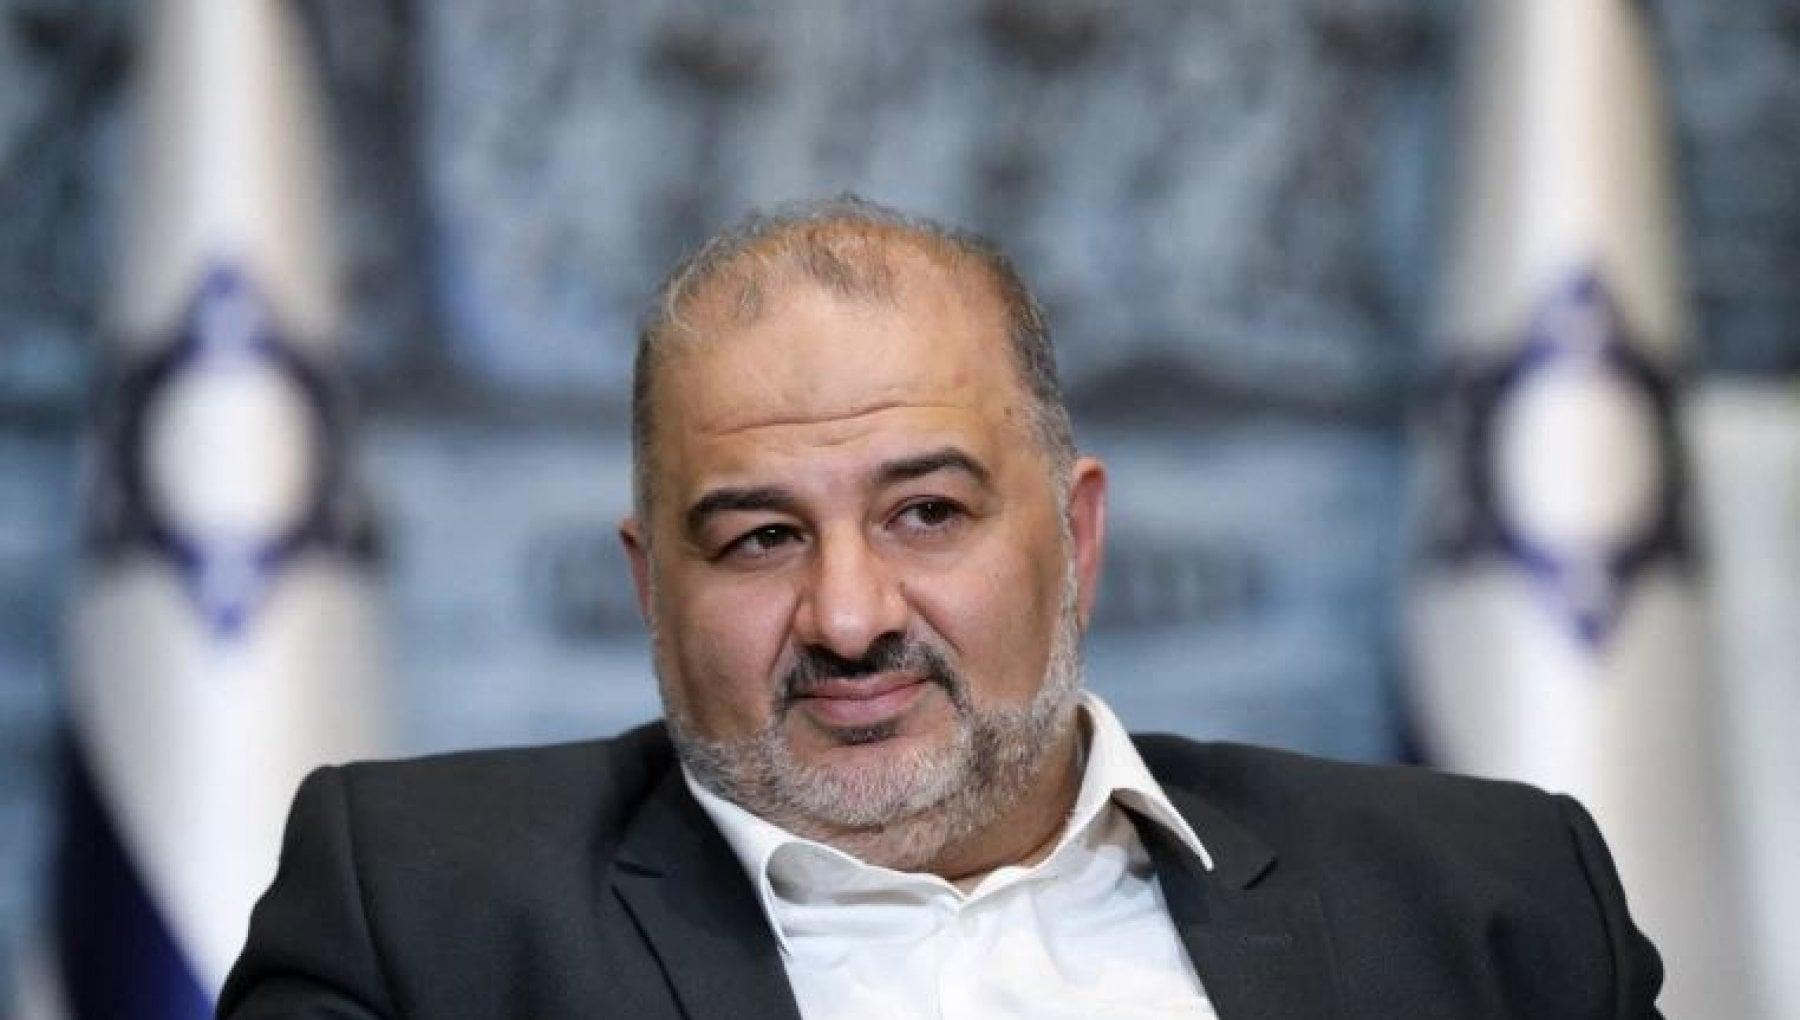 """214811427 fead0266 48c5 49e1 9a67 9a09b7e25ad0 - Mansour Abbas: """"Noi al governo in Israele ponte per la pace tra arabi ed ebrei"""""""